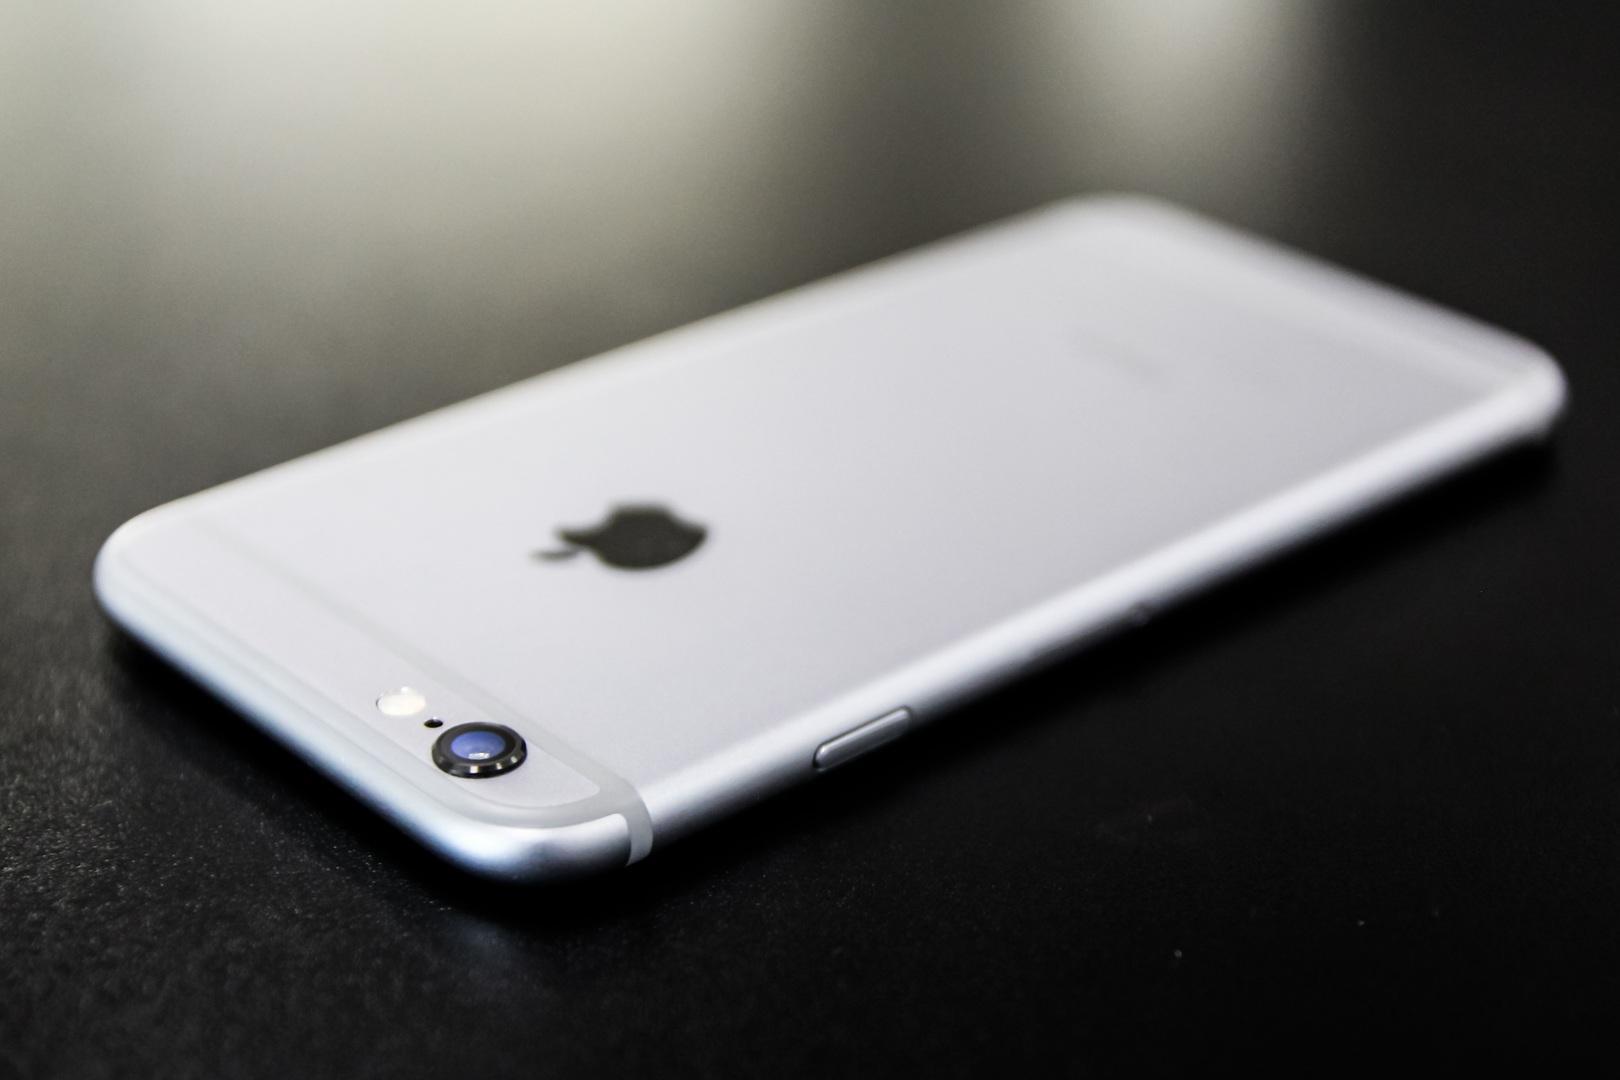 Смартфон iPhone 6 упал вцене  докритической отметки в Российской Федерации